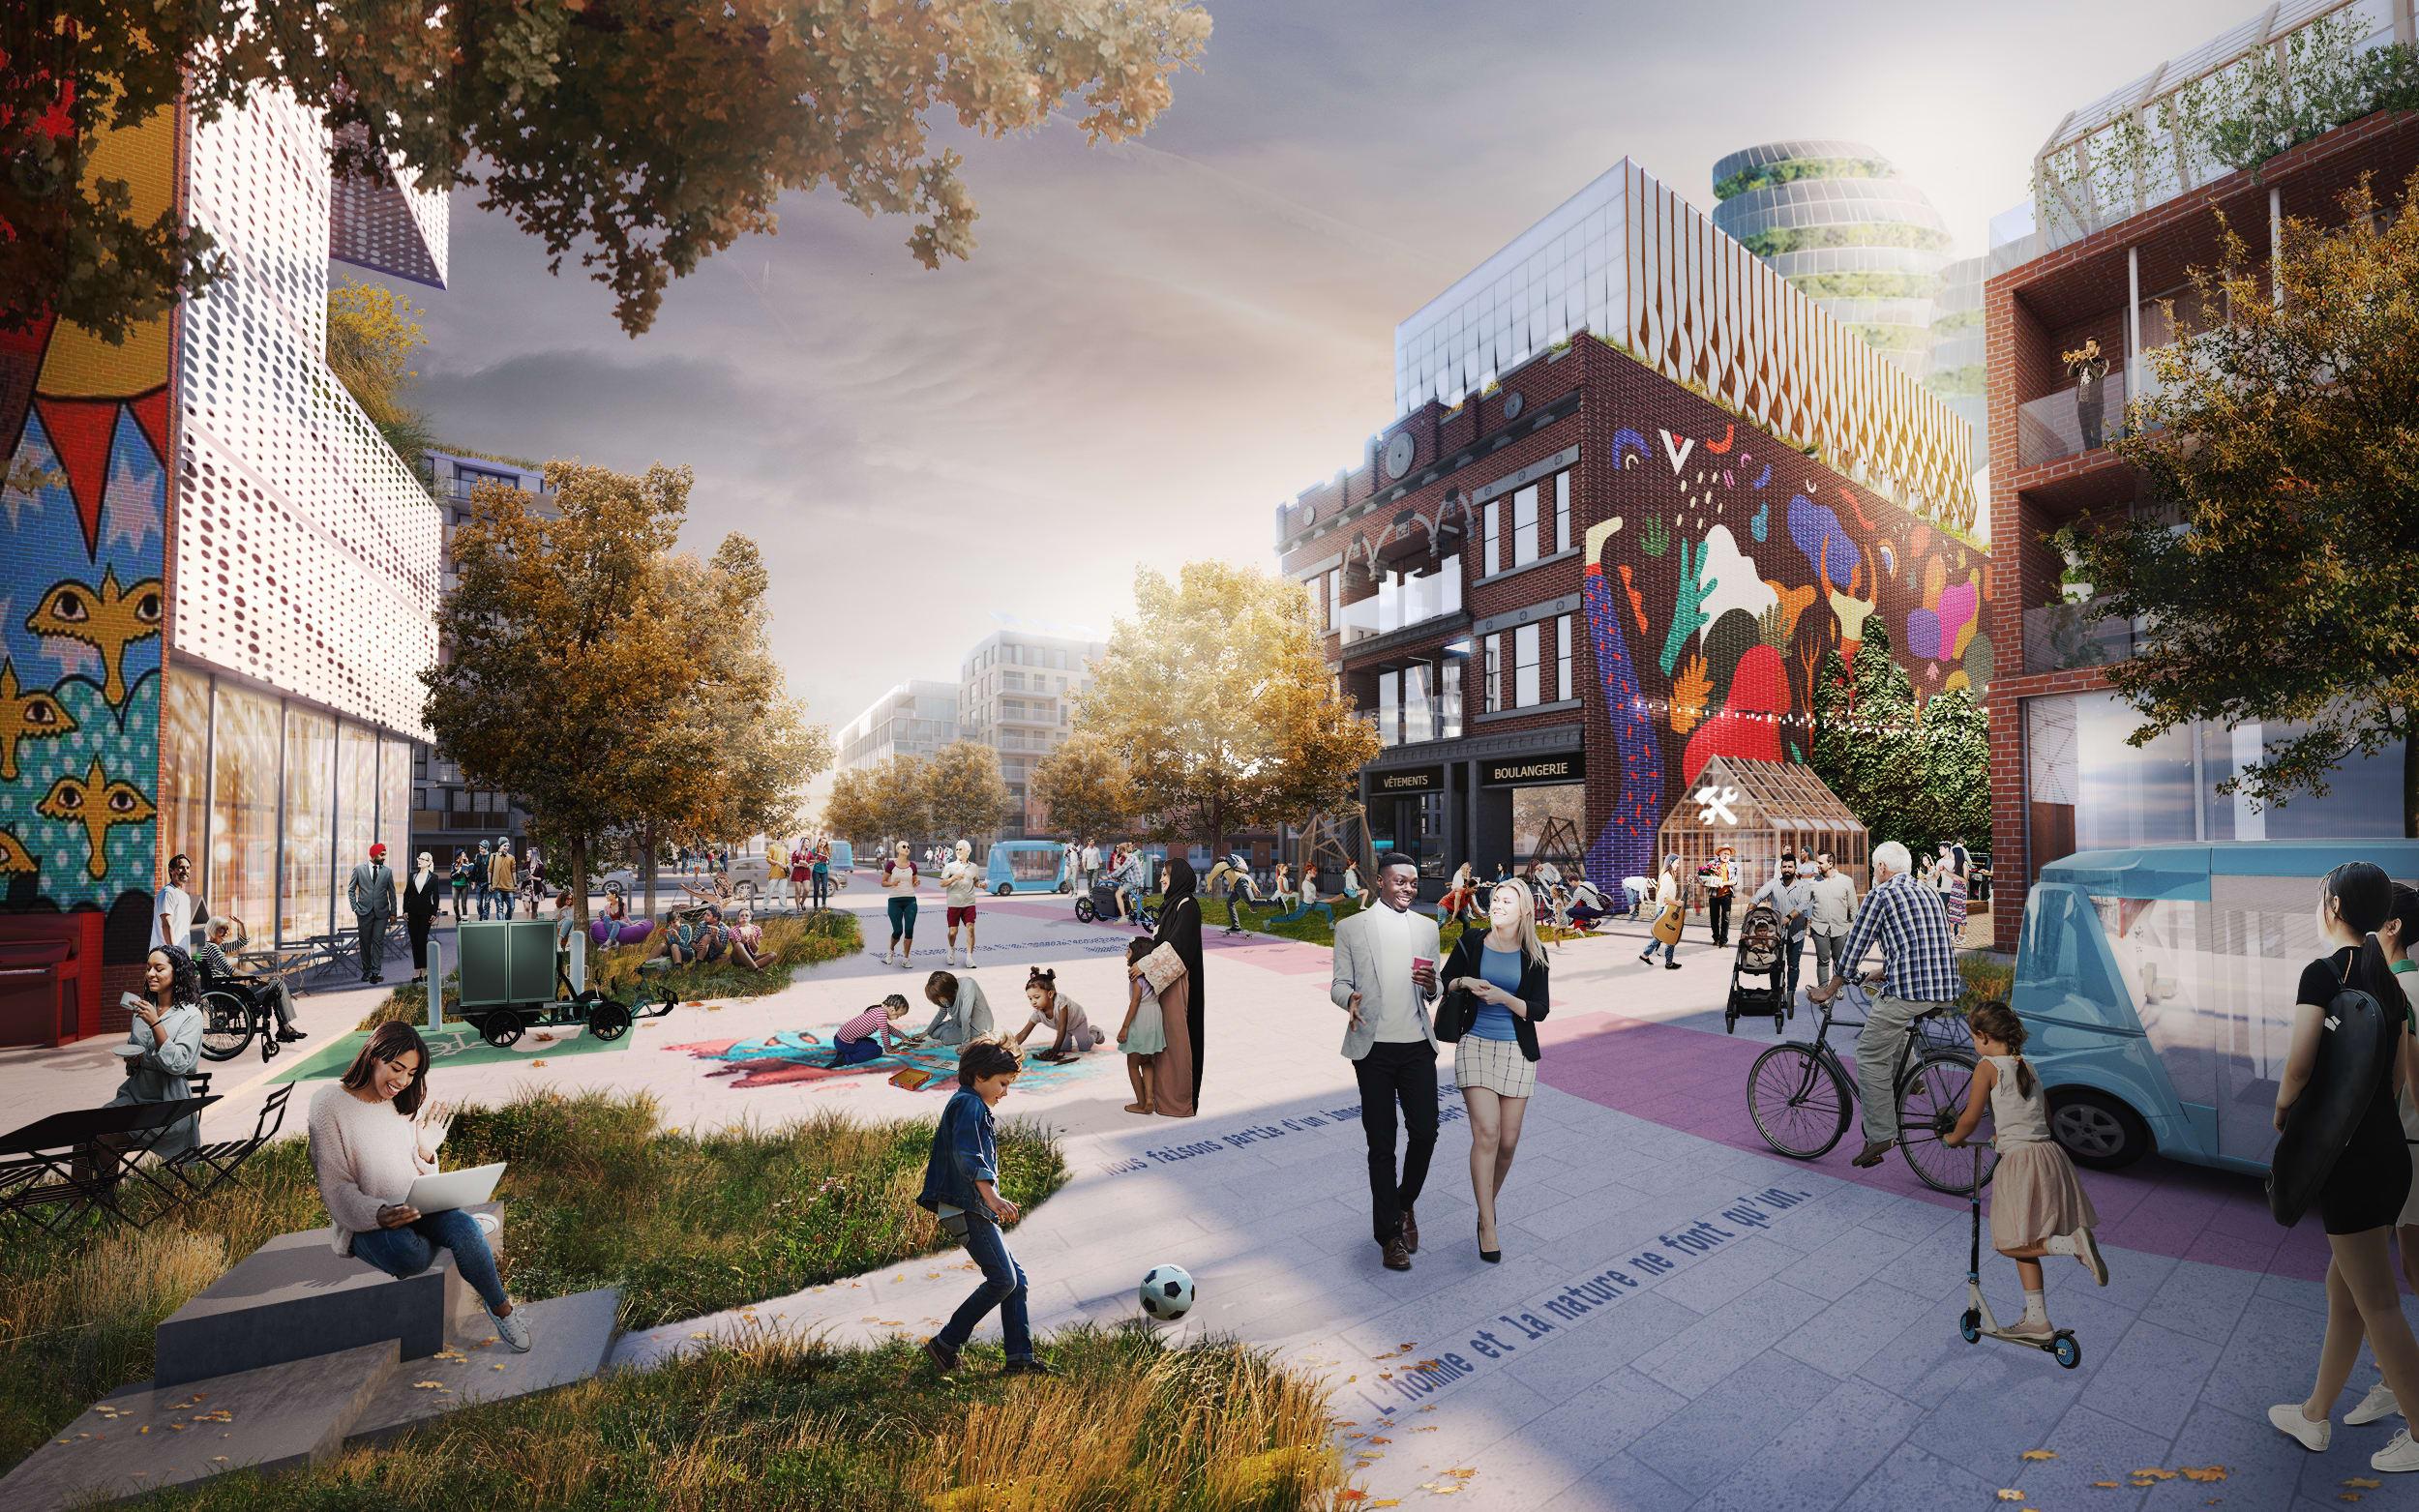 À quoi pourraient ressembler les rues en 2050